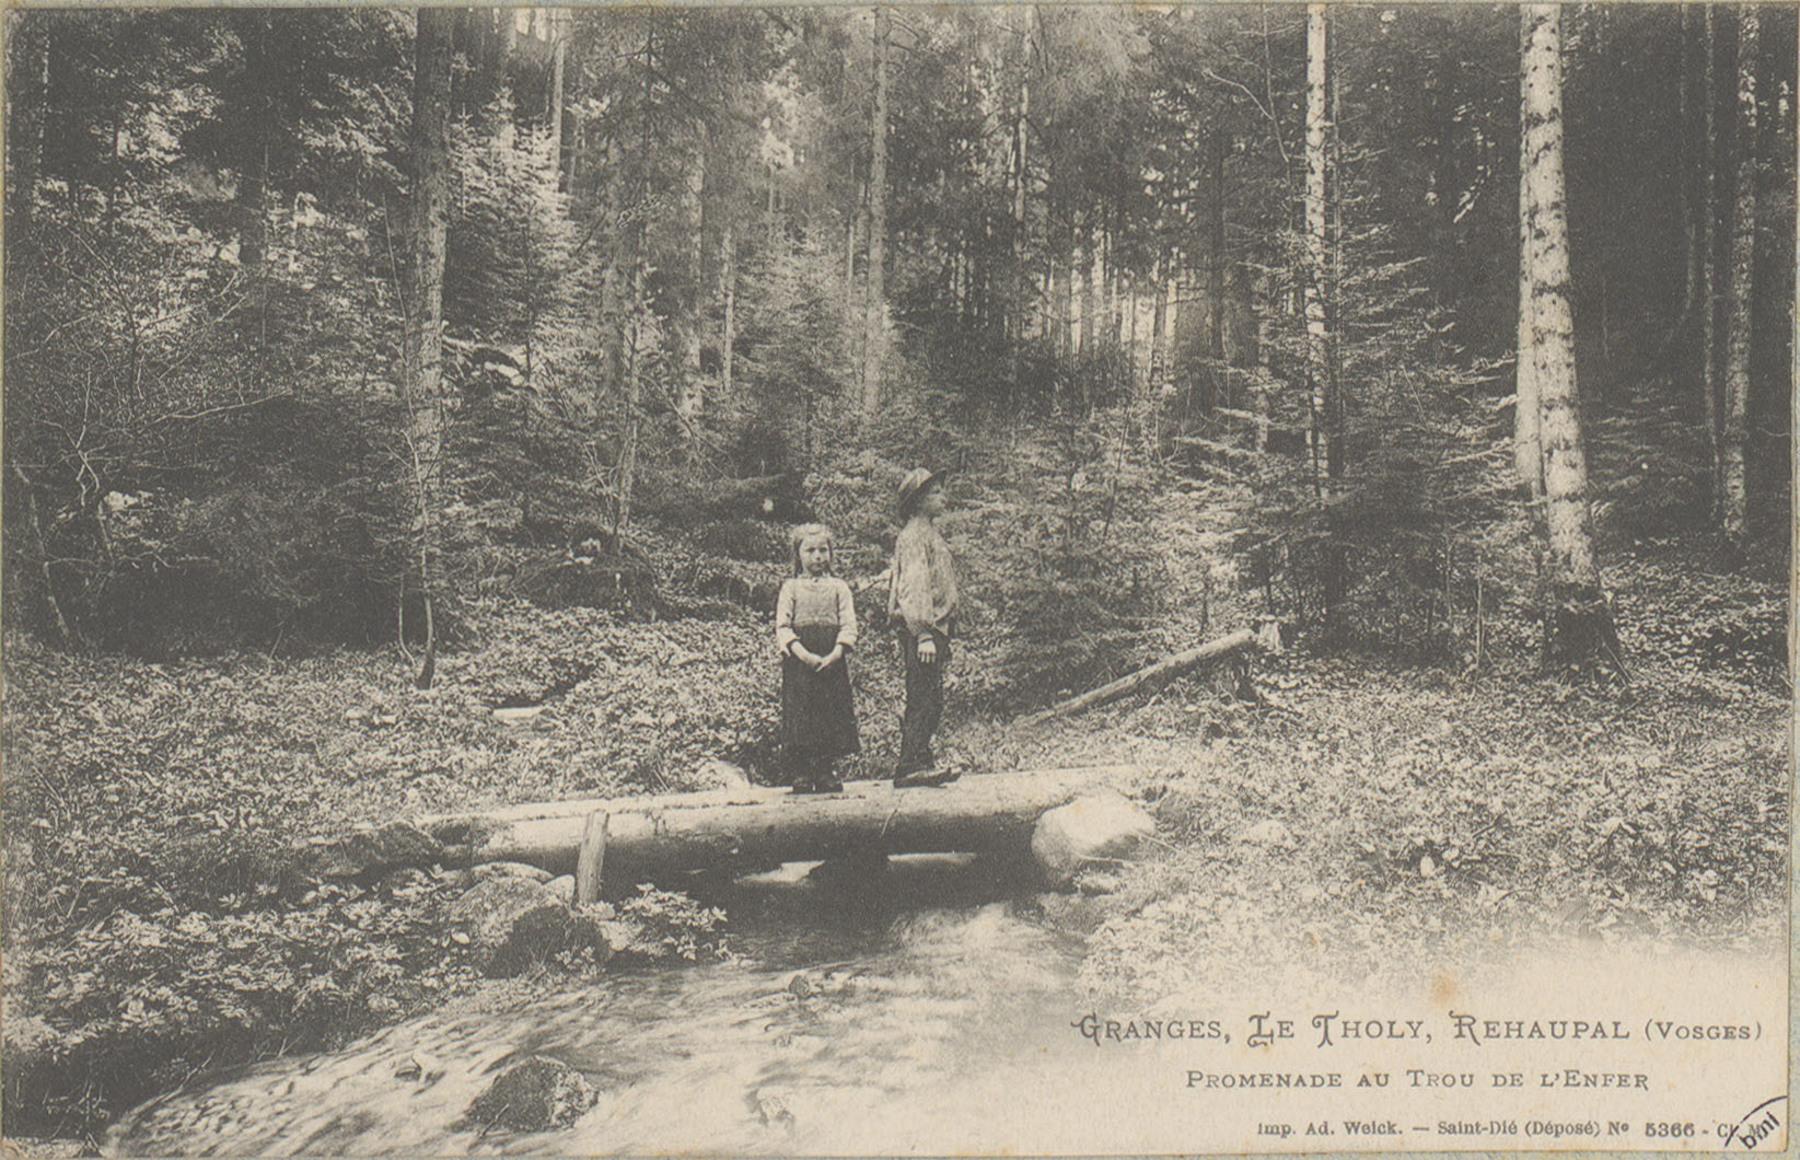 Contenu du Granges, Le Tholy, Réhaupal (Vosges)